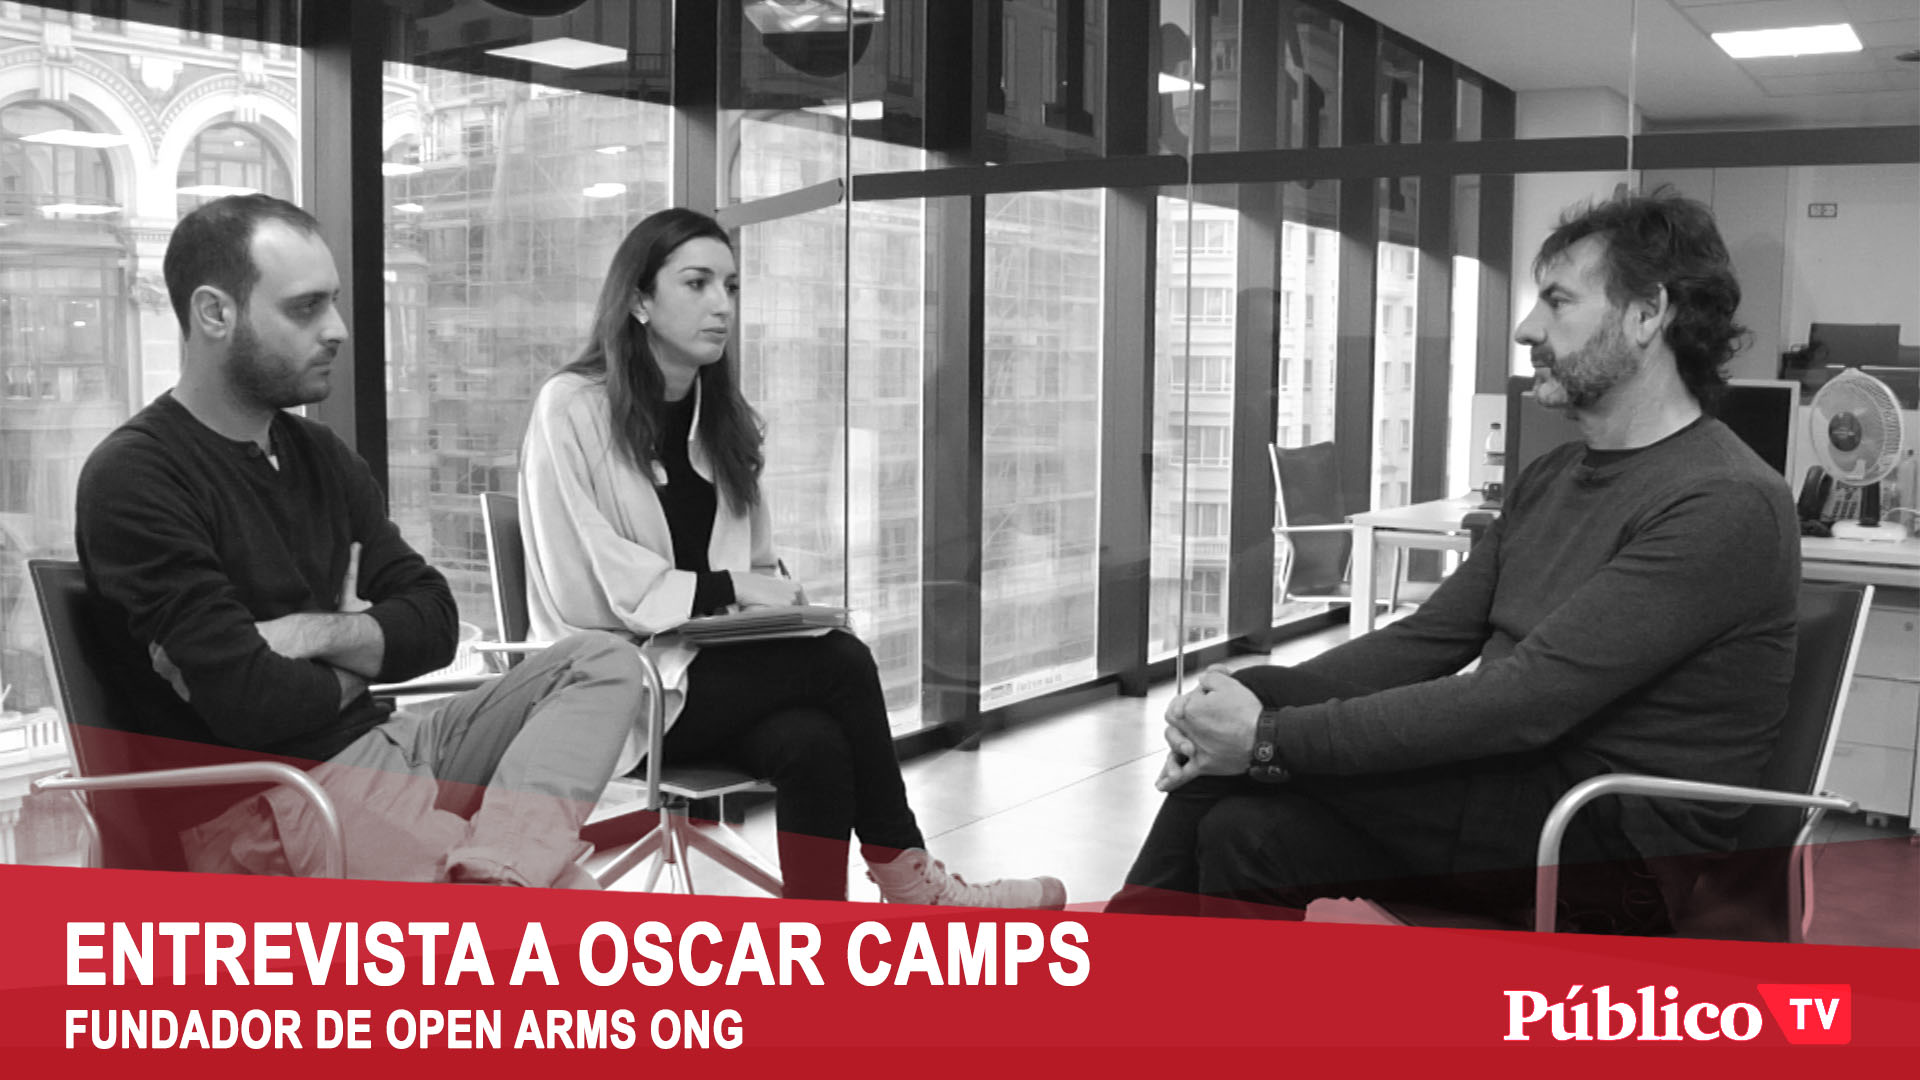 Entrevista a Oscar Camps Fundador de Proactiva Open Arms